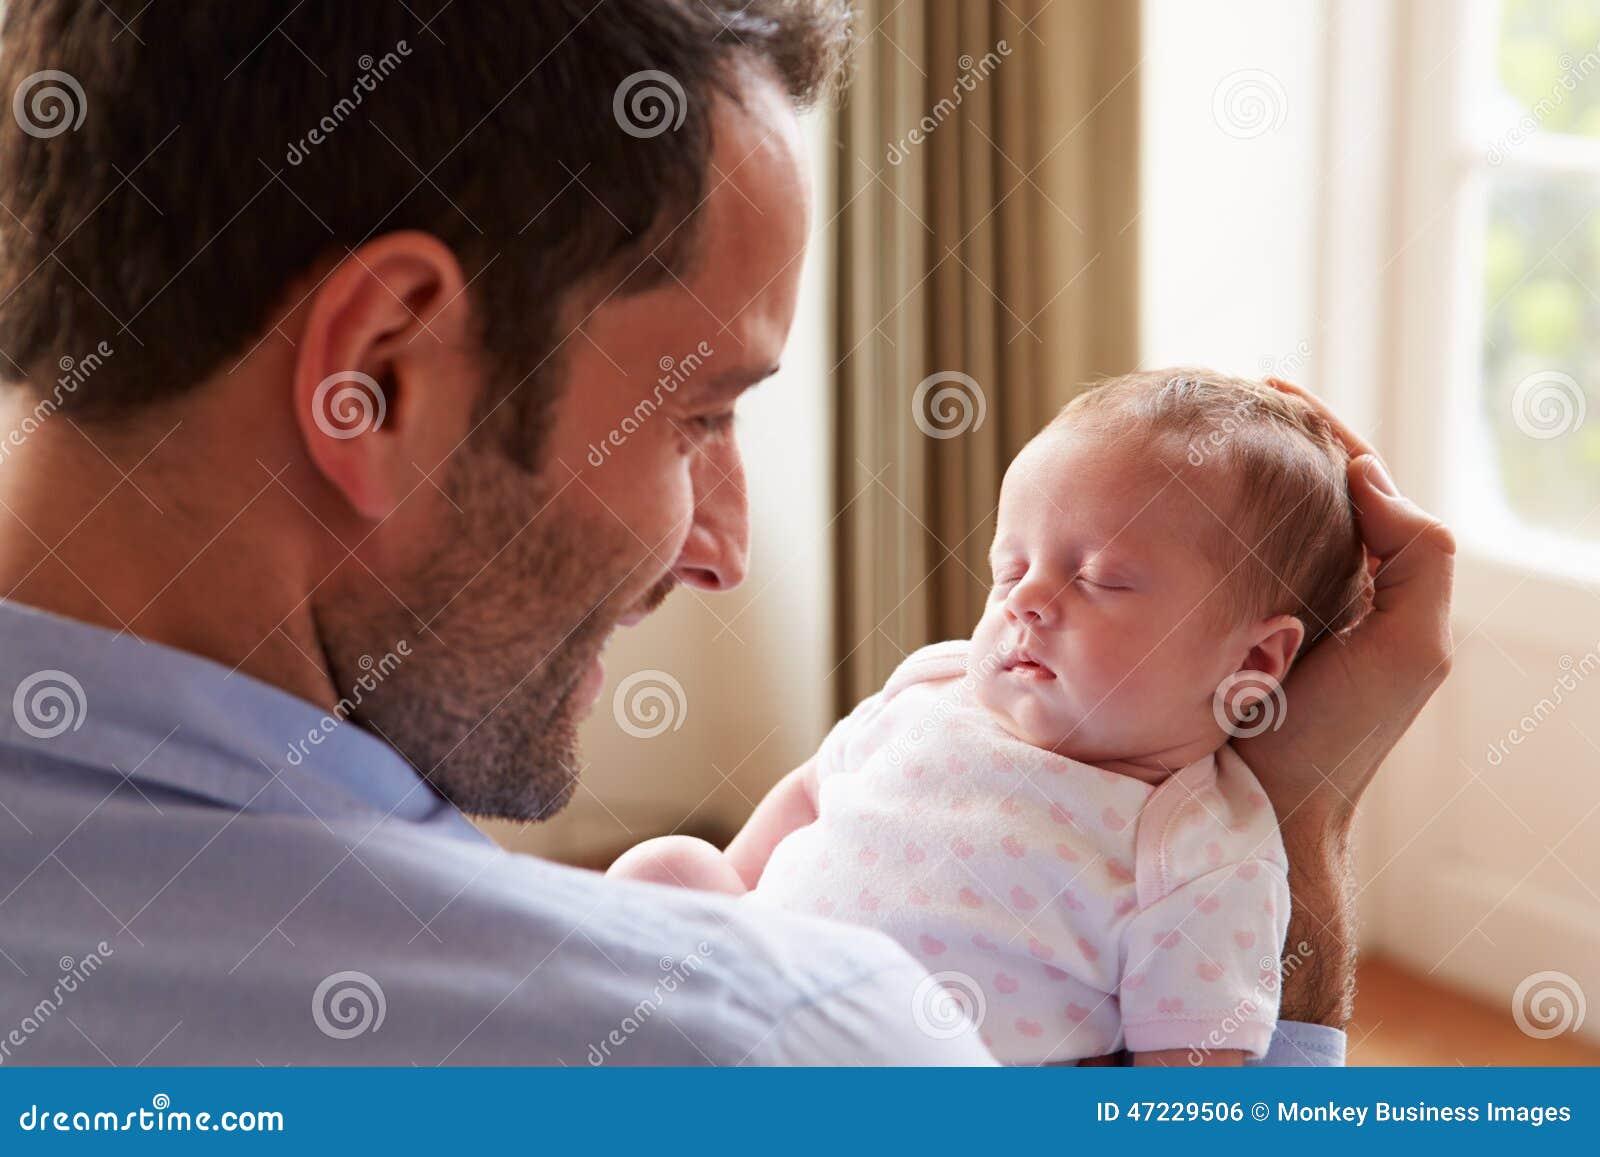 Hija recién nacida durmiente del bebé de At Home With del padre